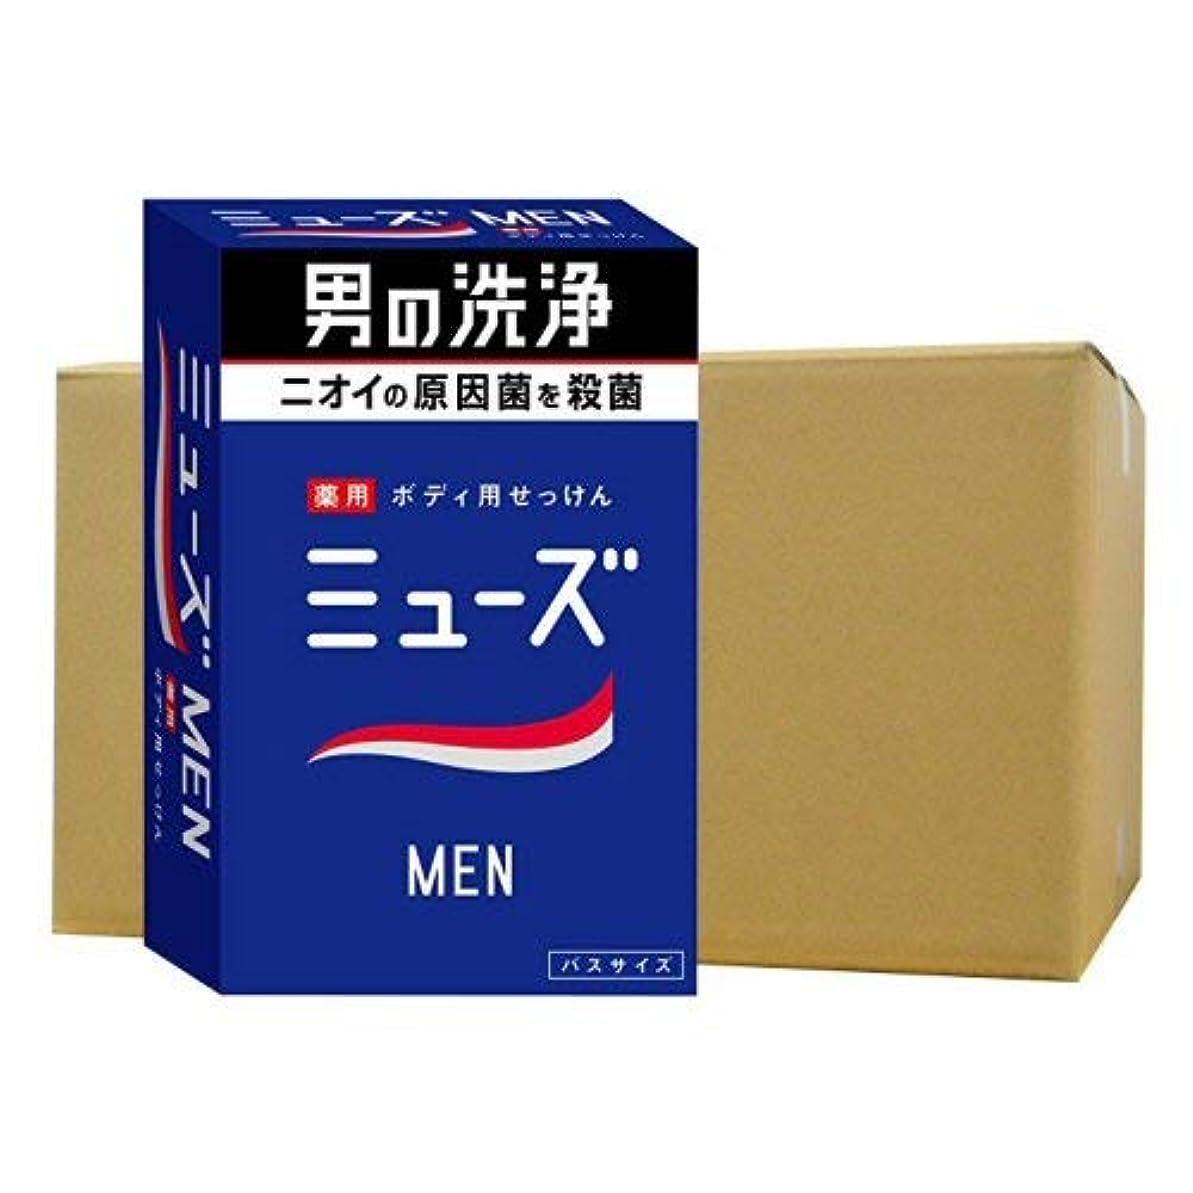 誘導させる演じるミューズメン薬用石鹸 135g×24個セット